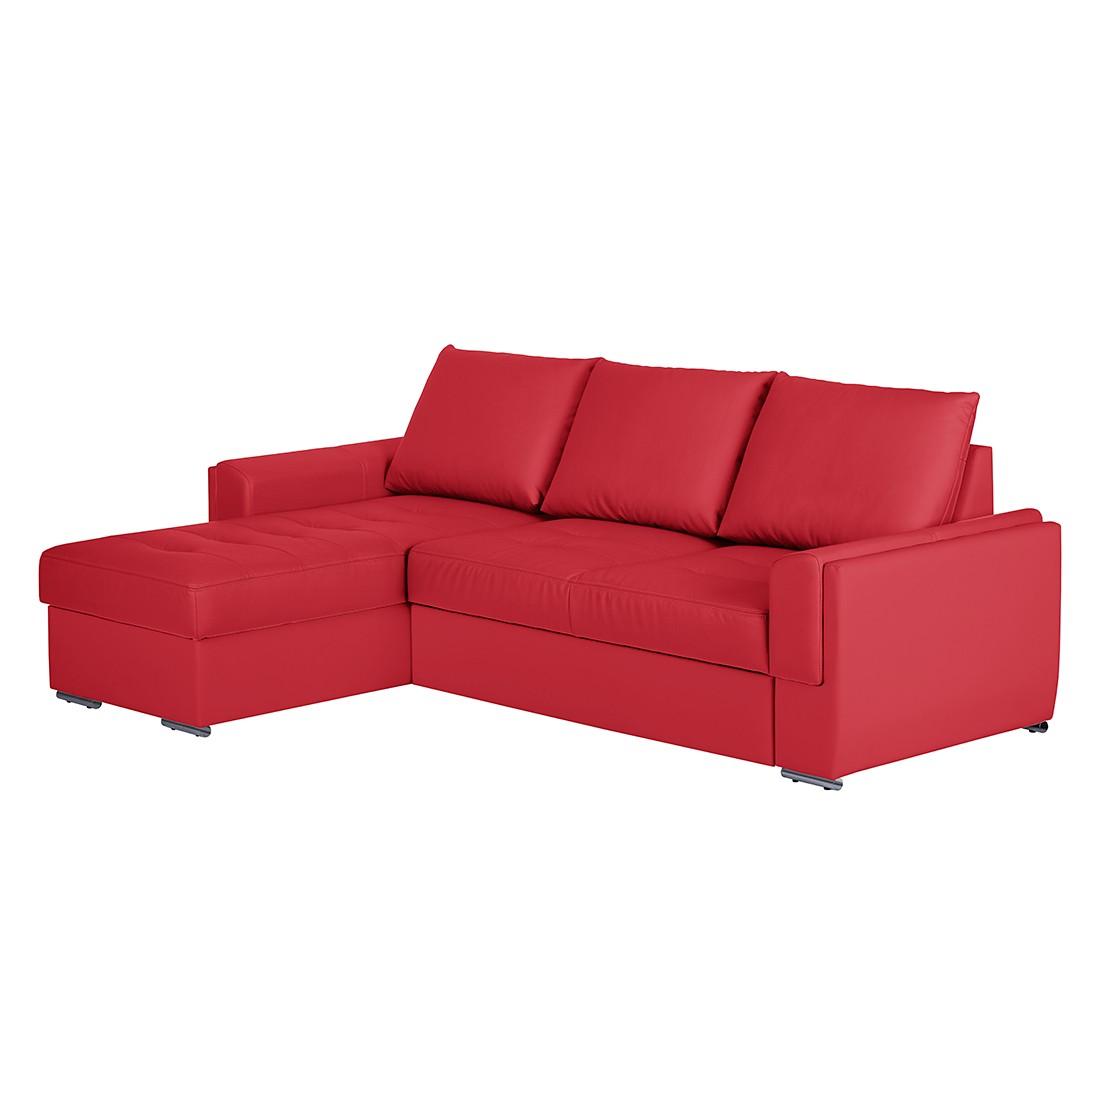 Home 24 - Canapé d angle narva - méridienne longue à monter gauche ou droite cuir synthétique - rouge, mooved